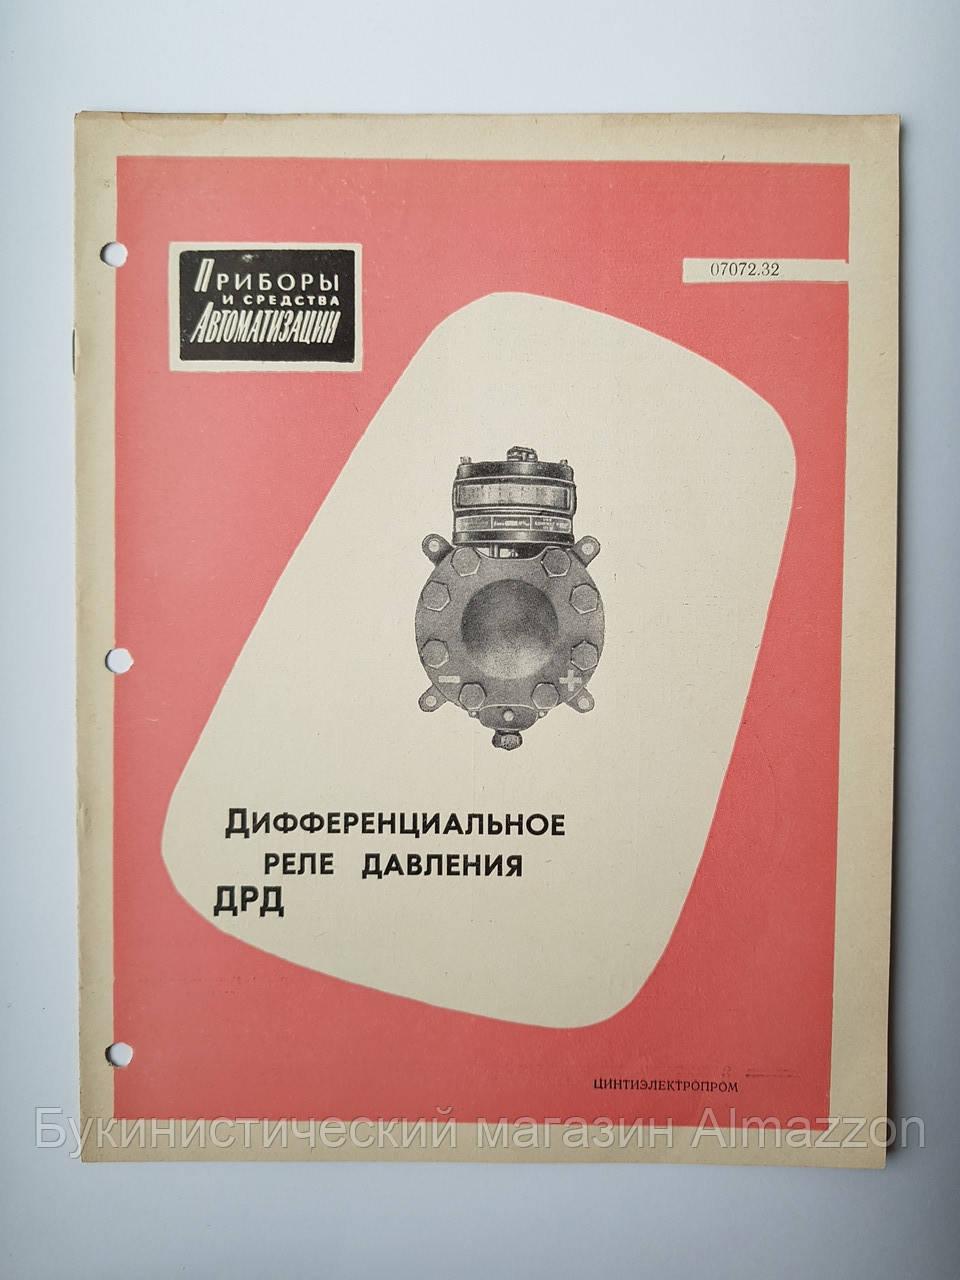 """Журнал (Бюллетень) """"Дифференциальное реле давления ДРД  07072.32"""" 1963 г."""